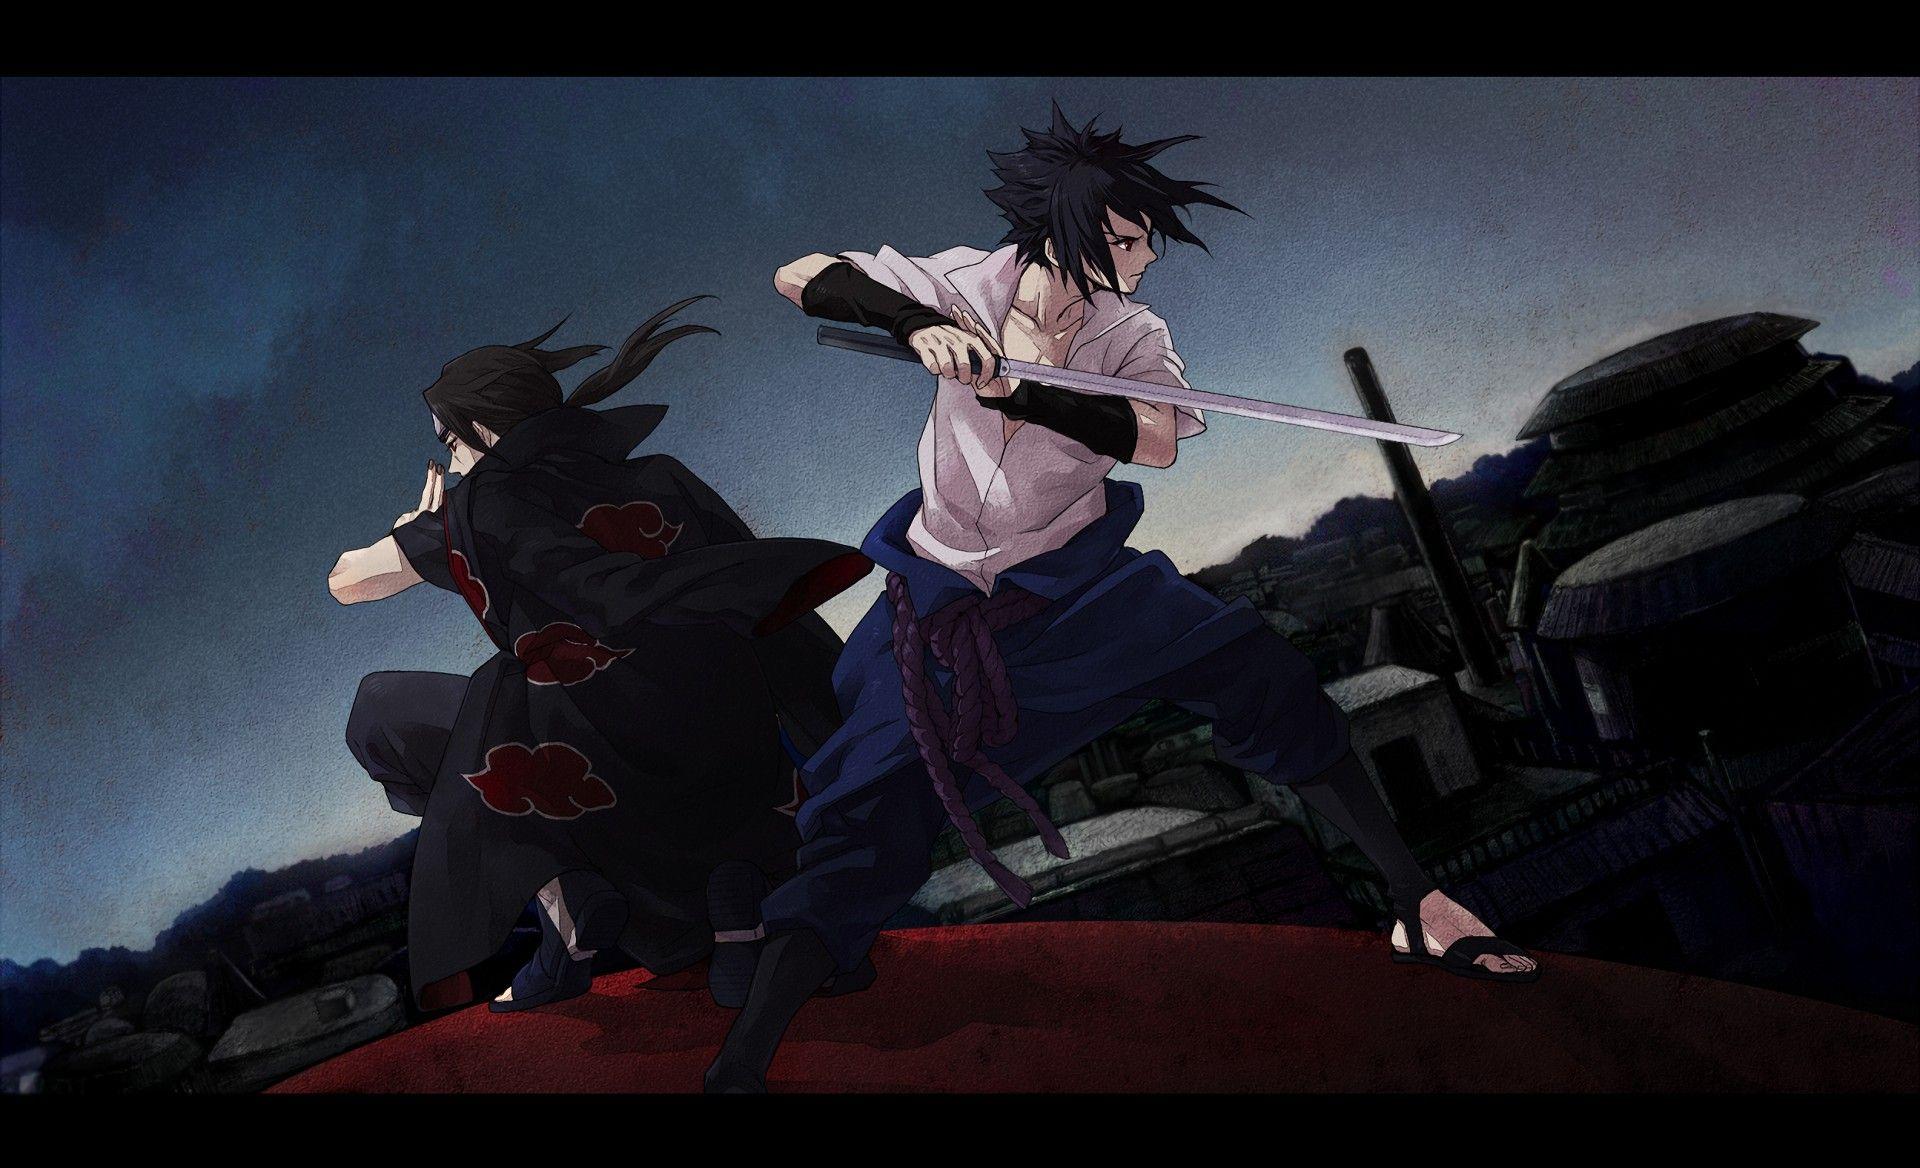 Beautiful Sasuke and Itachi Wallpaper di 2020 Gambar